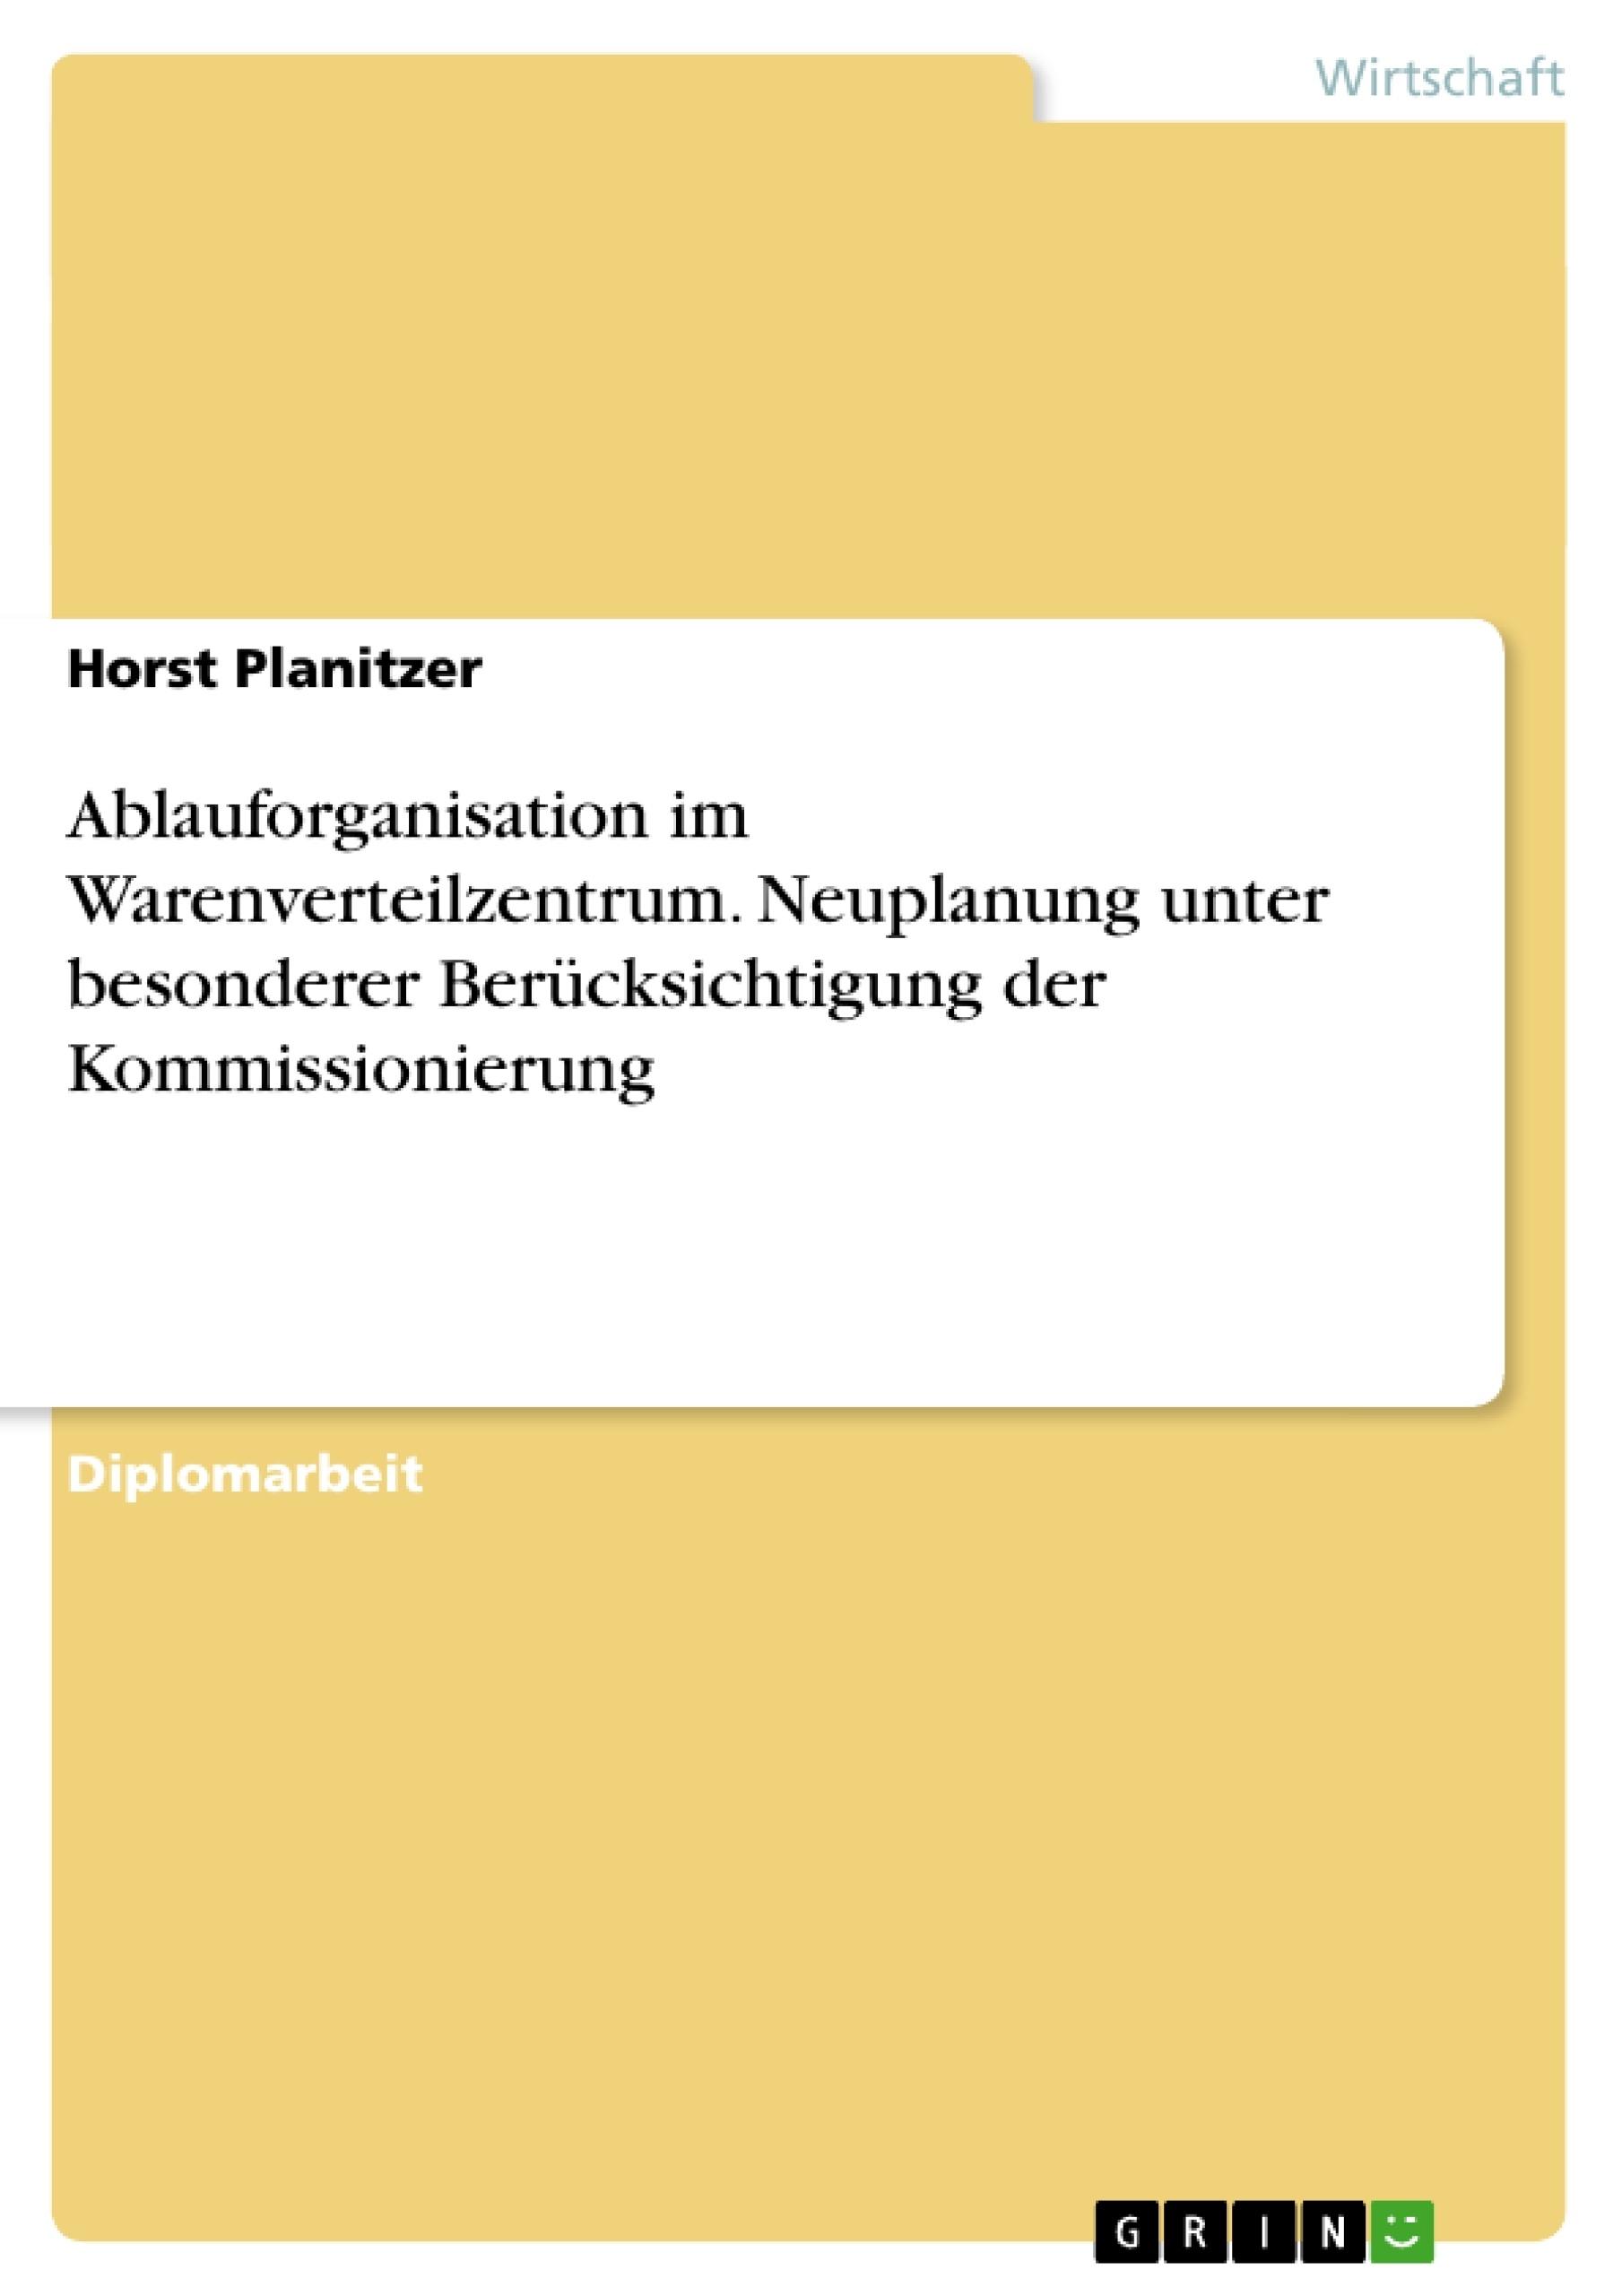 Titel: Ablauforganisation im Warenverteilzentrum. Neuplanung unter besonderer Berücksichtigung der Kommissionierung